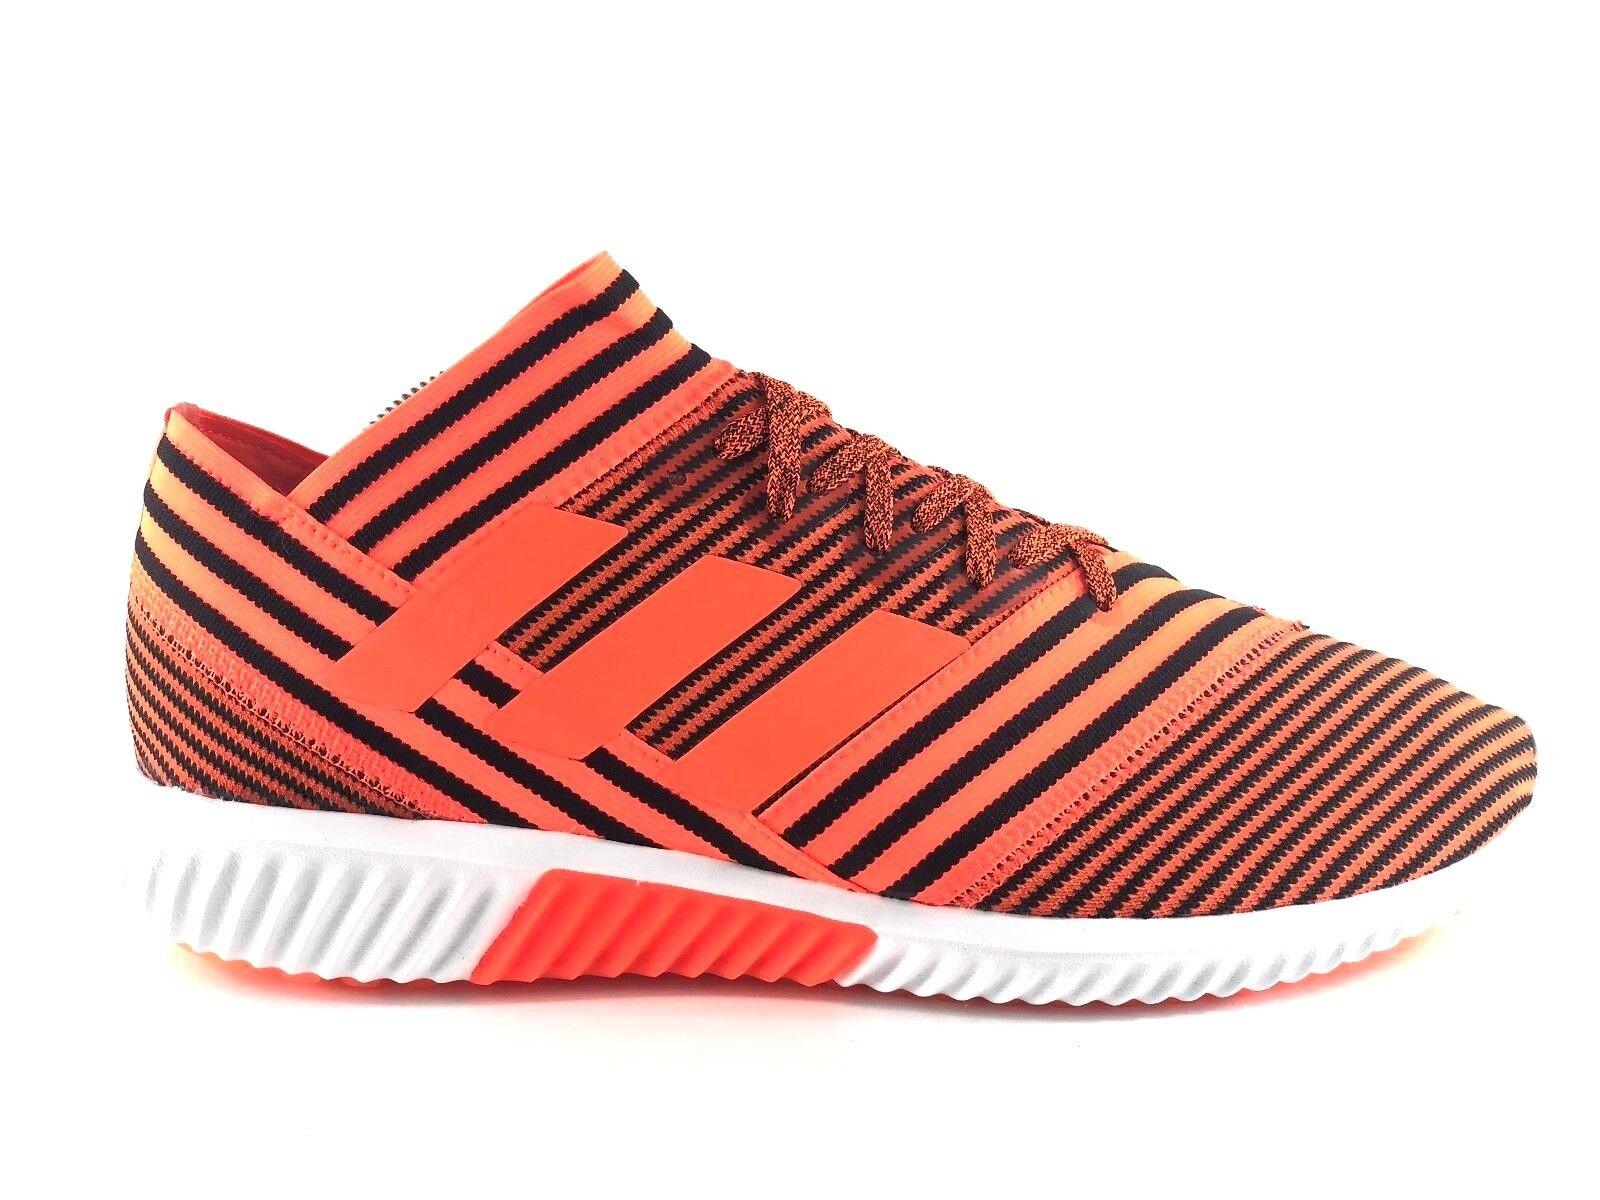 adidas nemeziz tango - tr orange - mens ausbildung fußballschuhe orange tr by2464 größe 9,5 115942